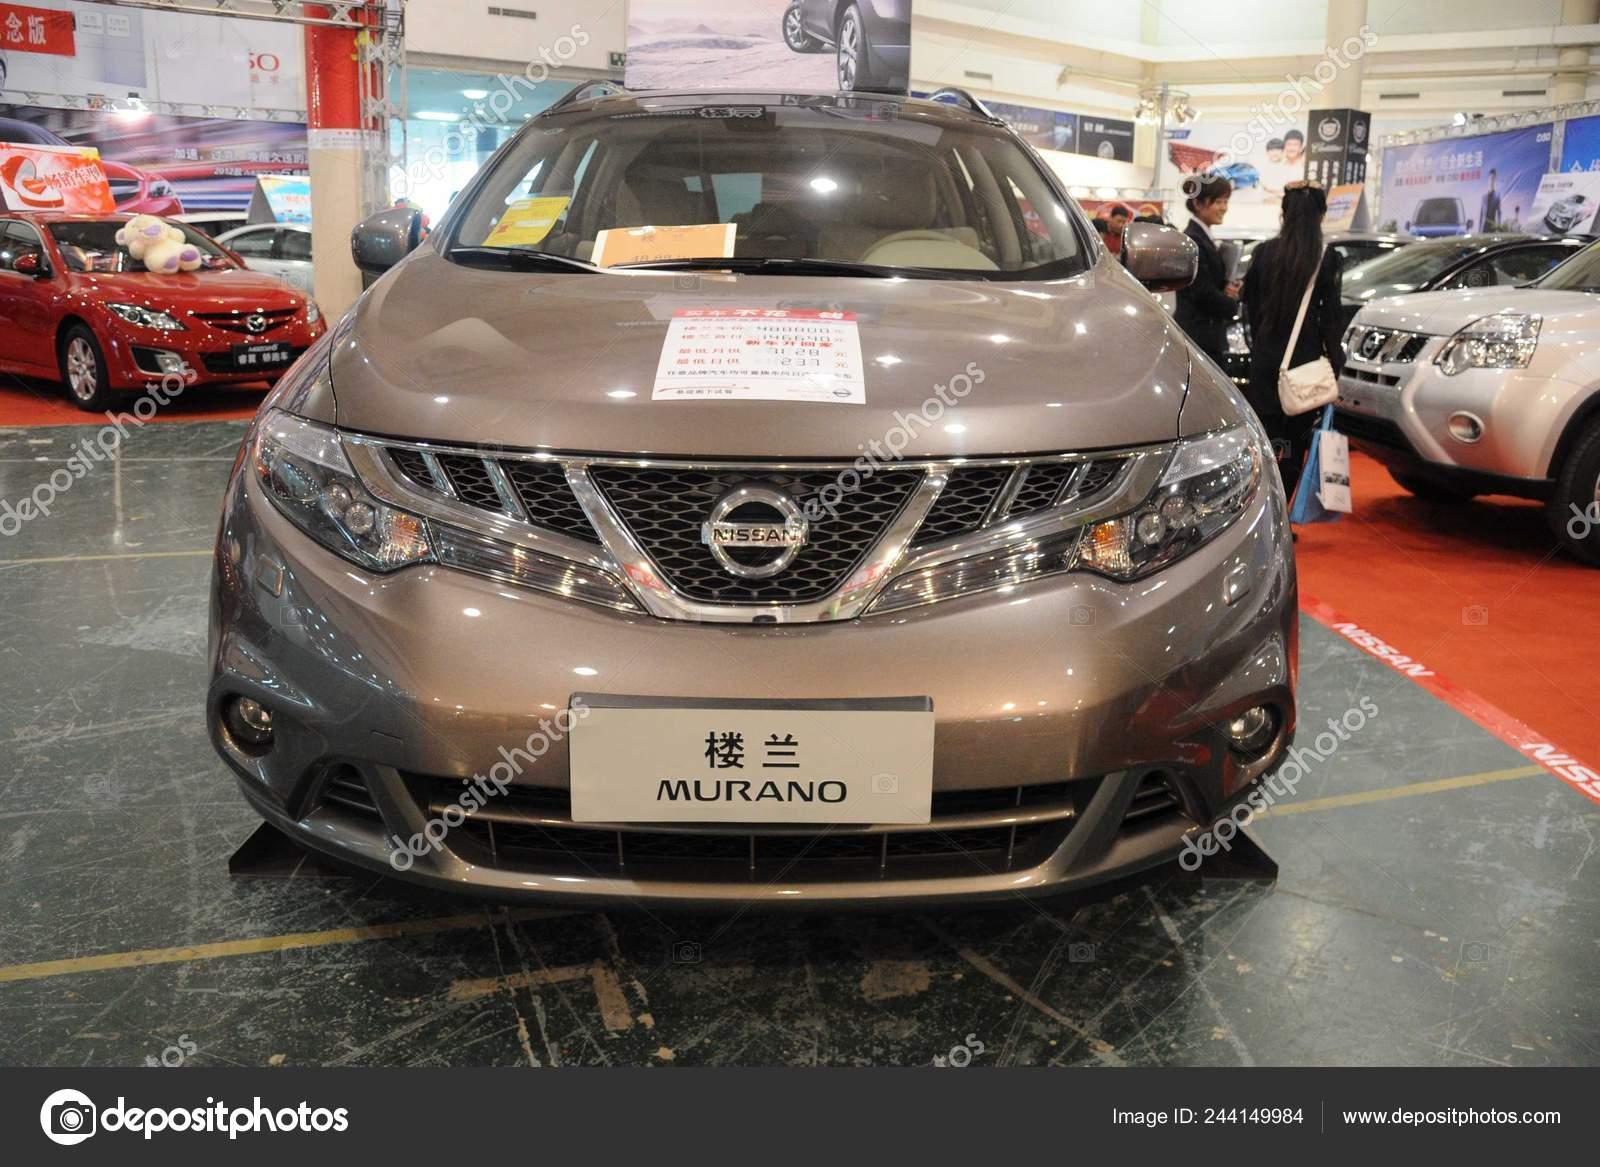 Nissan Murano Exibido Durante Uma Exposicao Automoveis Cidade Binzhou Leste Fotografia De Stock Editorial C Chinaimages 244149984